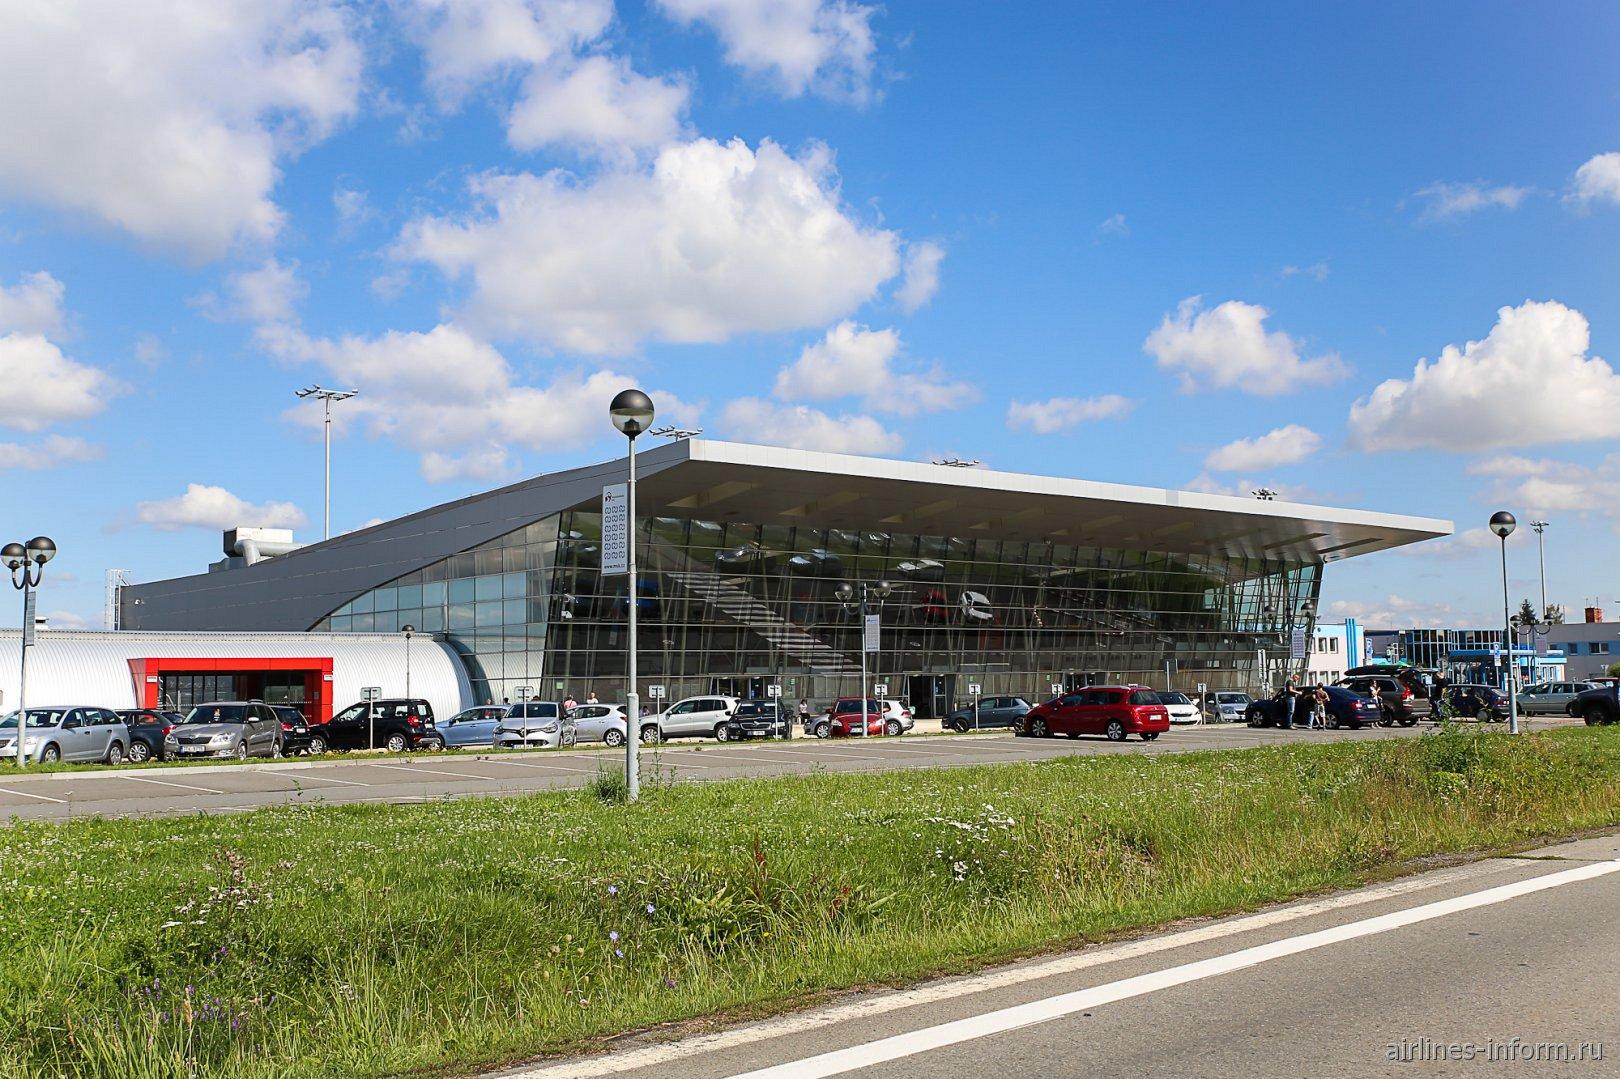 Пассажирский терминал аэропорта Острава Леош Яначек